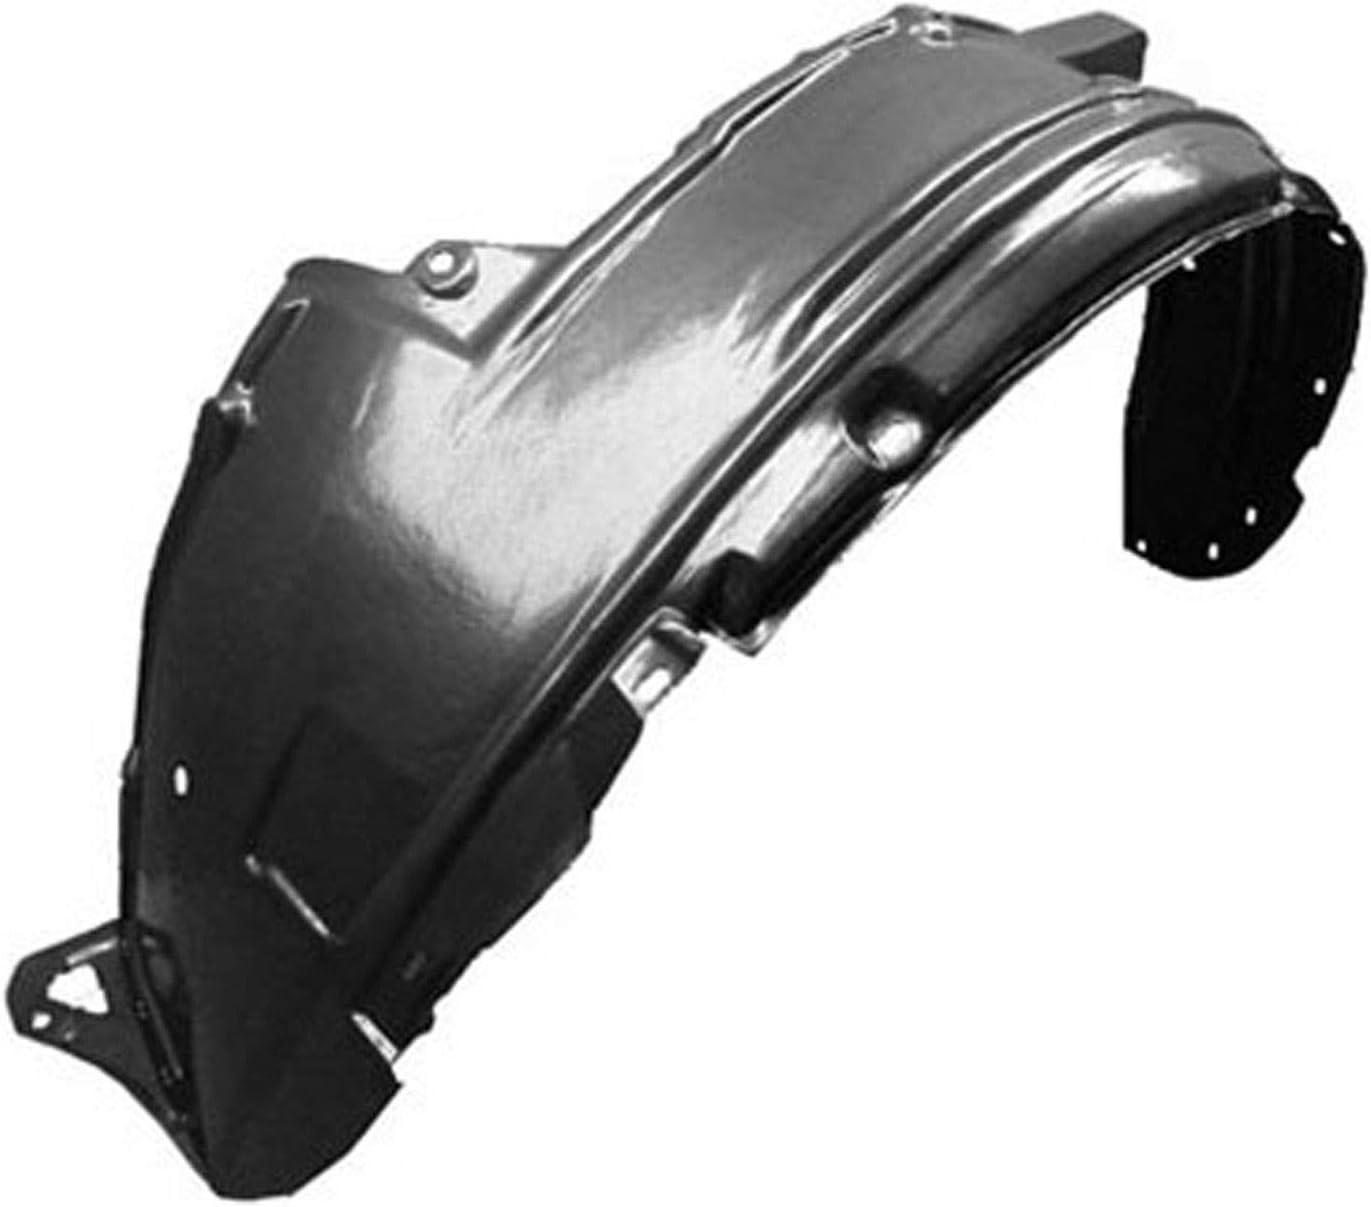 HO1250110 New Replacement Driver Side Inner Fender Liner 74150SXSA00